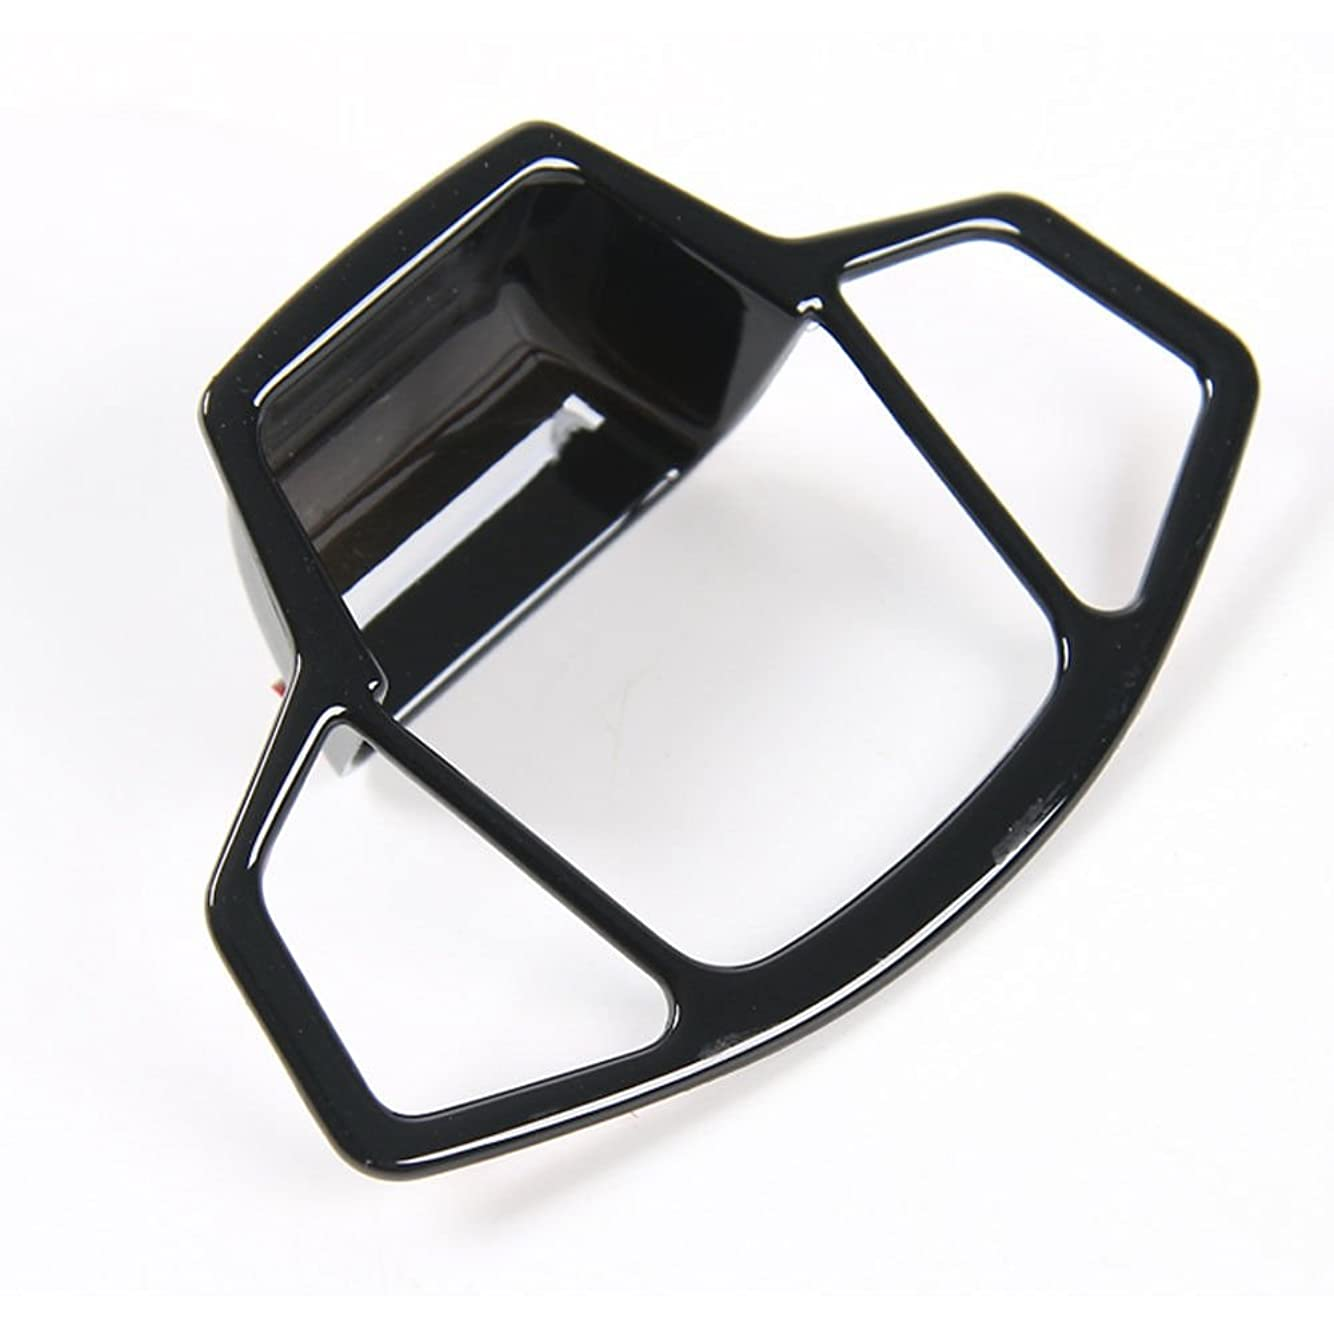 パックまたはどちらかホテルJicorzo - Car Electronic Handbrake Parking Button Cover Trim Black For Jeep COMPASS 2017-2018 Car Interior Accessories Styling